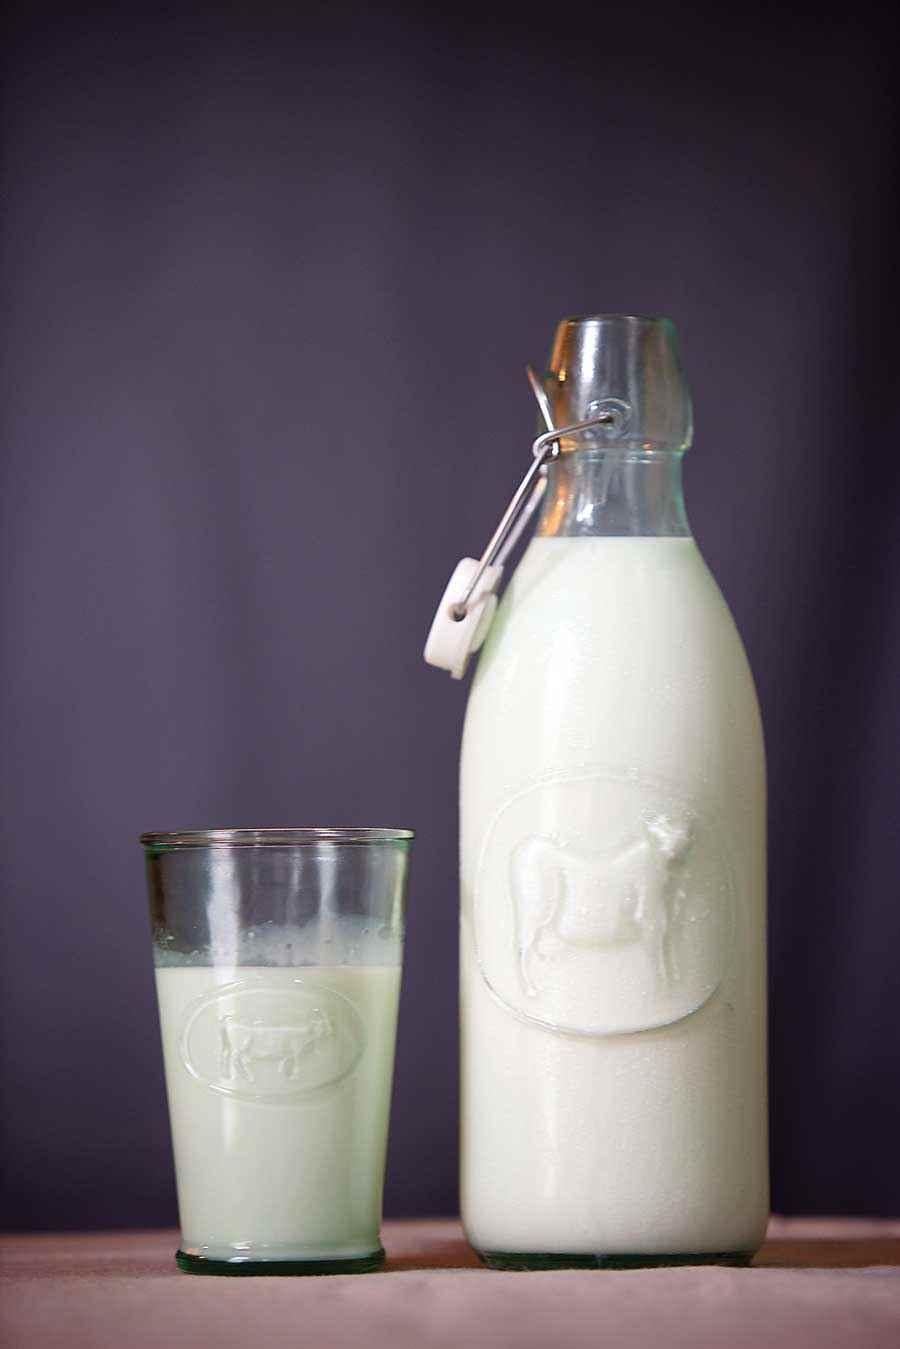 Milk Bottle And Glass.jpg